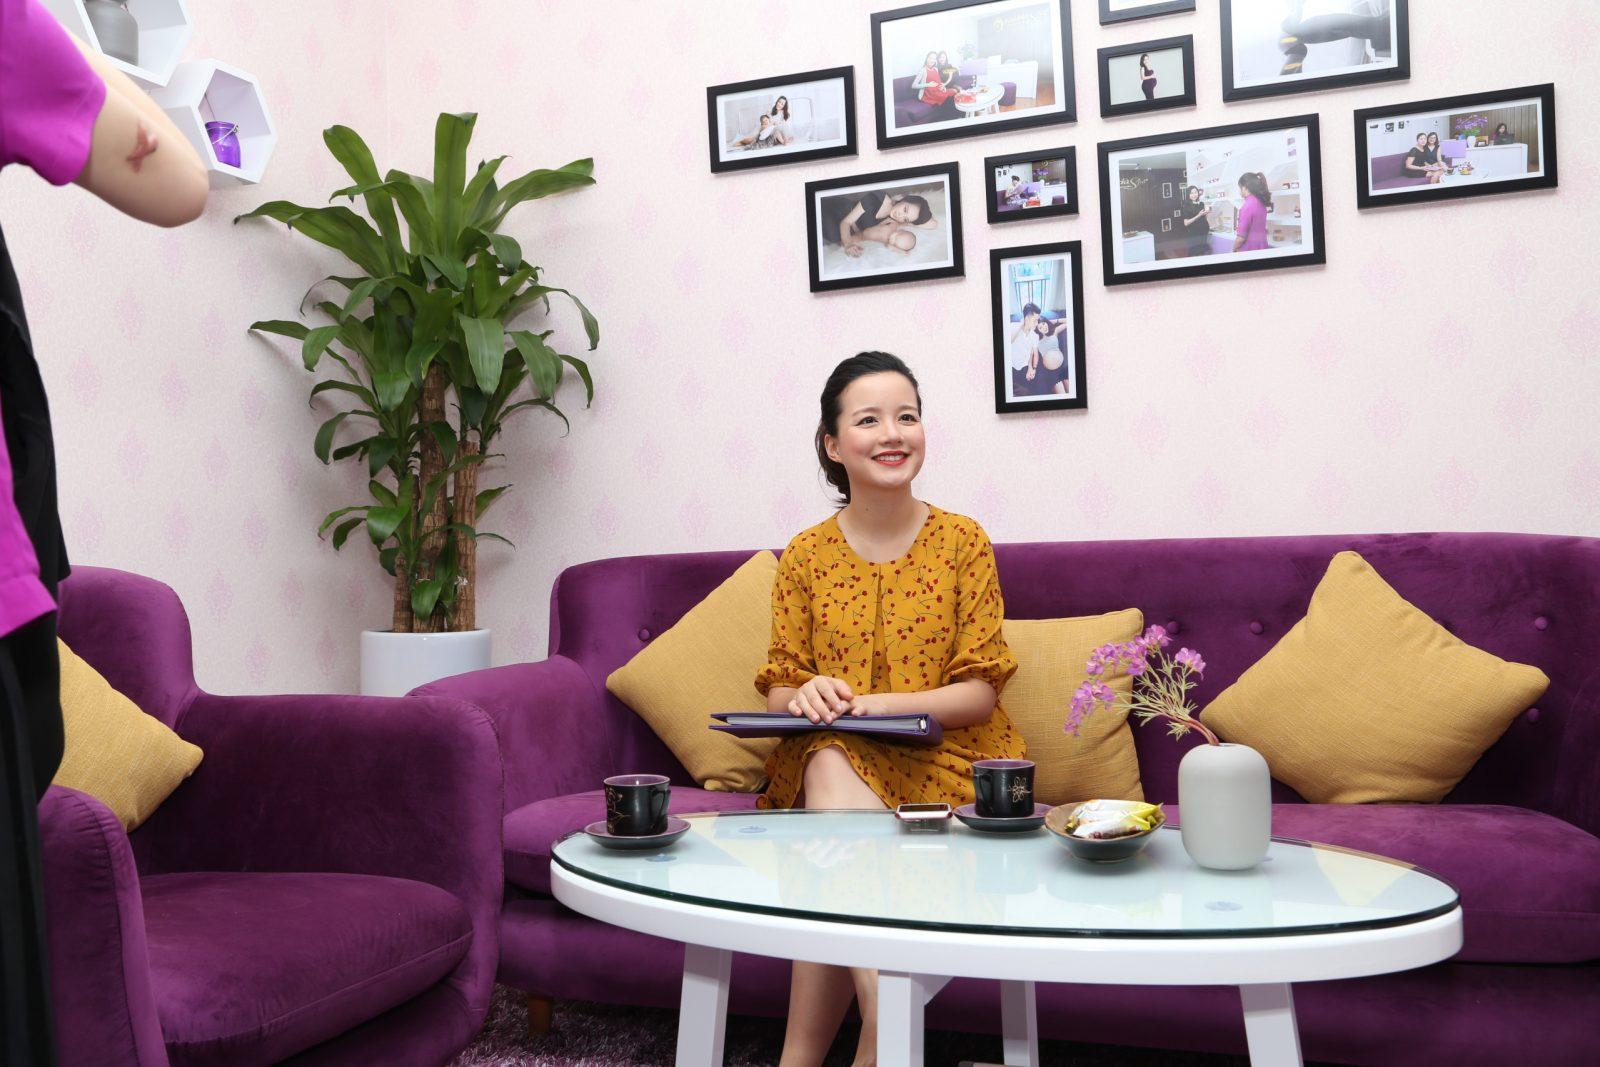 Phỏng vấn MC Minh Trang cách chăm sóc bầu và sau sinh